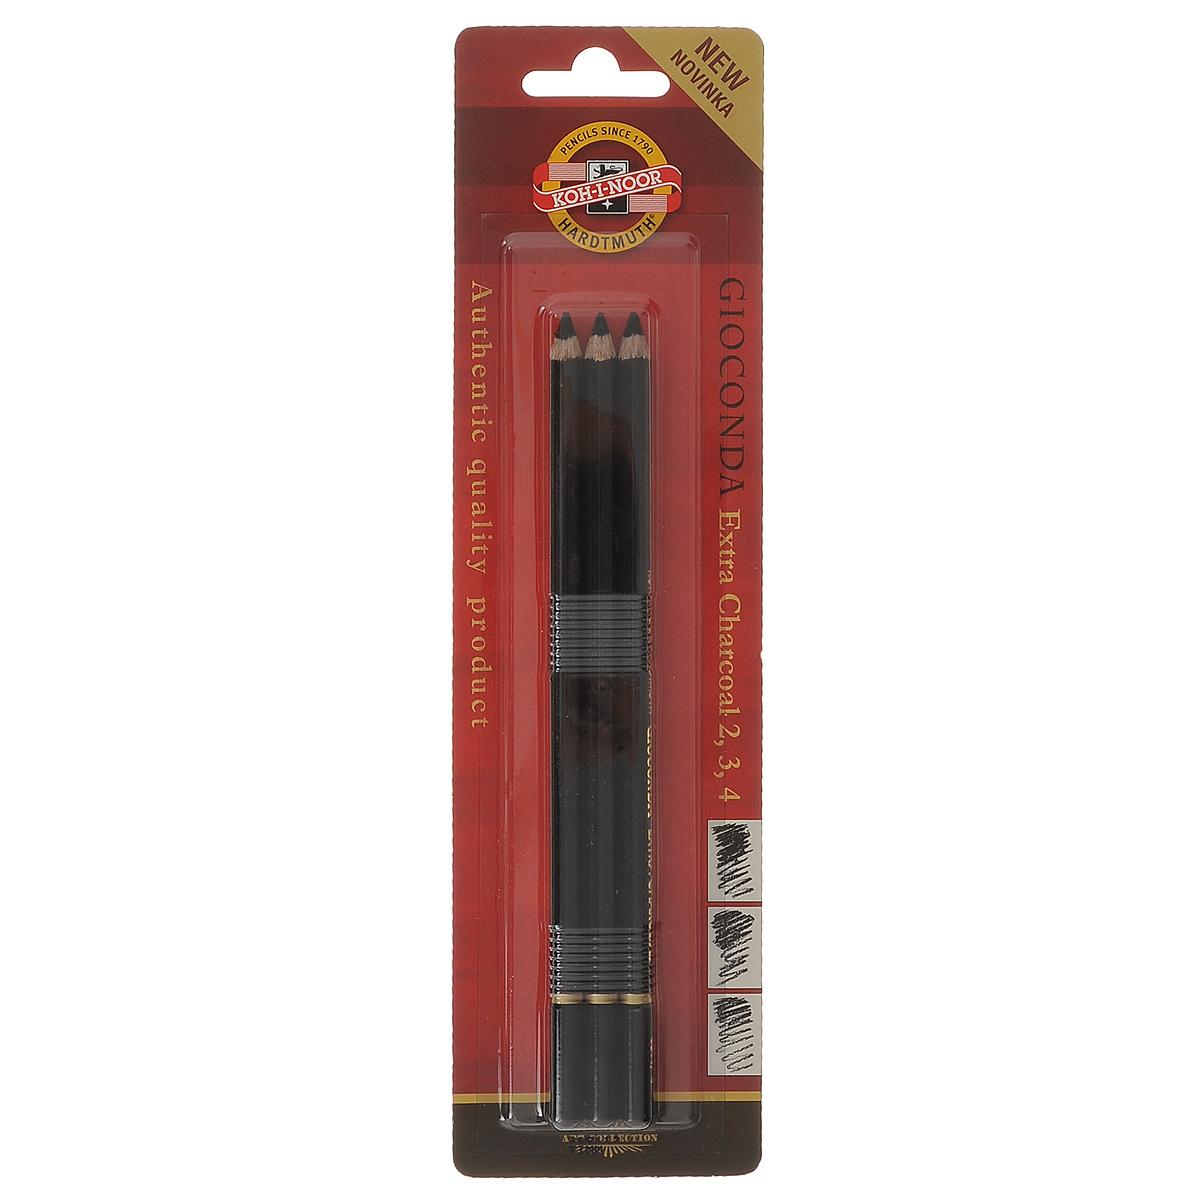 """Набор угольных карандашей Koh-i-Noor """"Gioconda"""" предназначен для рисования. В наборе представлены карандаши трех уровней мягкости - 2, 3, 4. Карандаши хорошо ложатся на бумагу и растушевываются. Отличный инструмент для набросков и зарисовок. Длина карандашей: 17,5 см."""